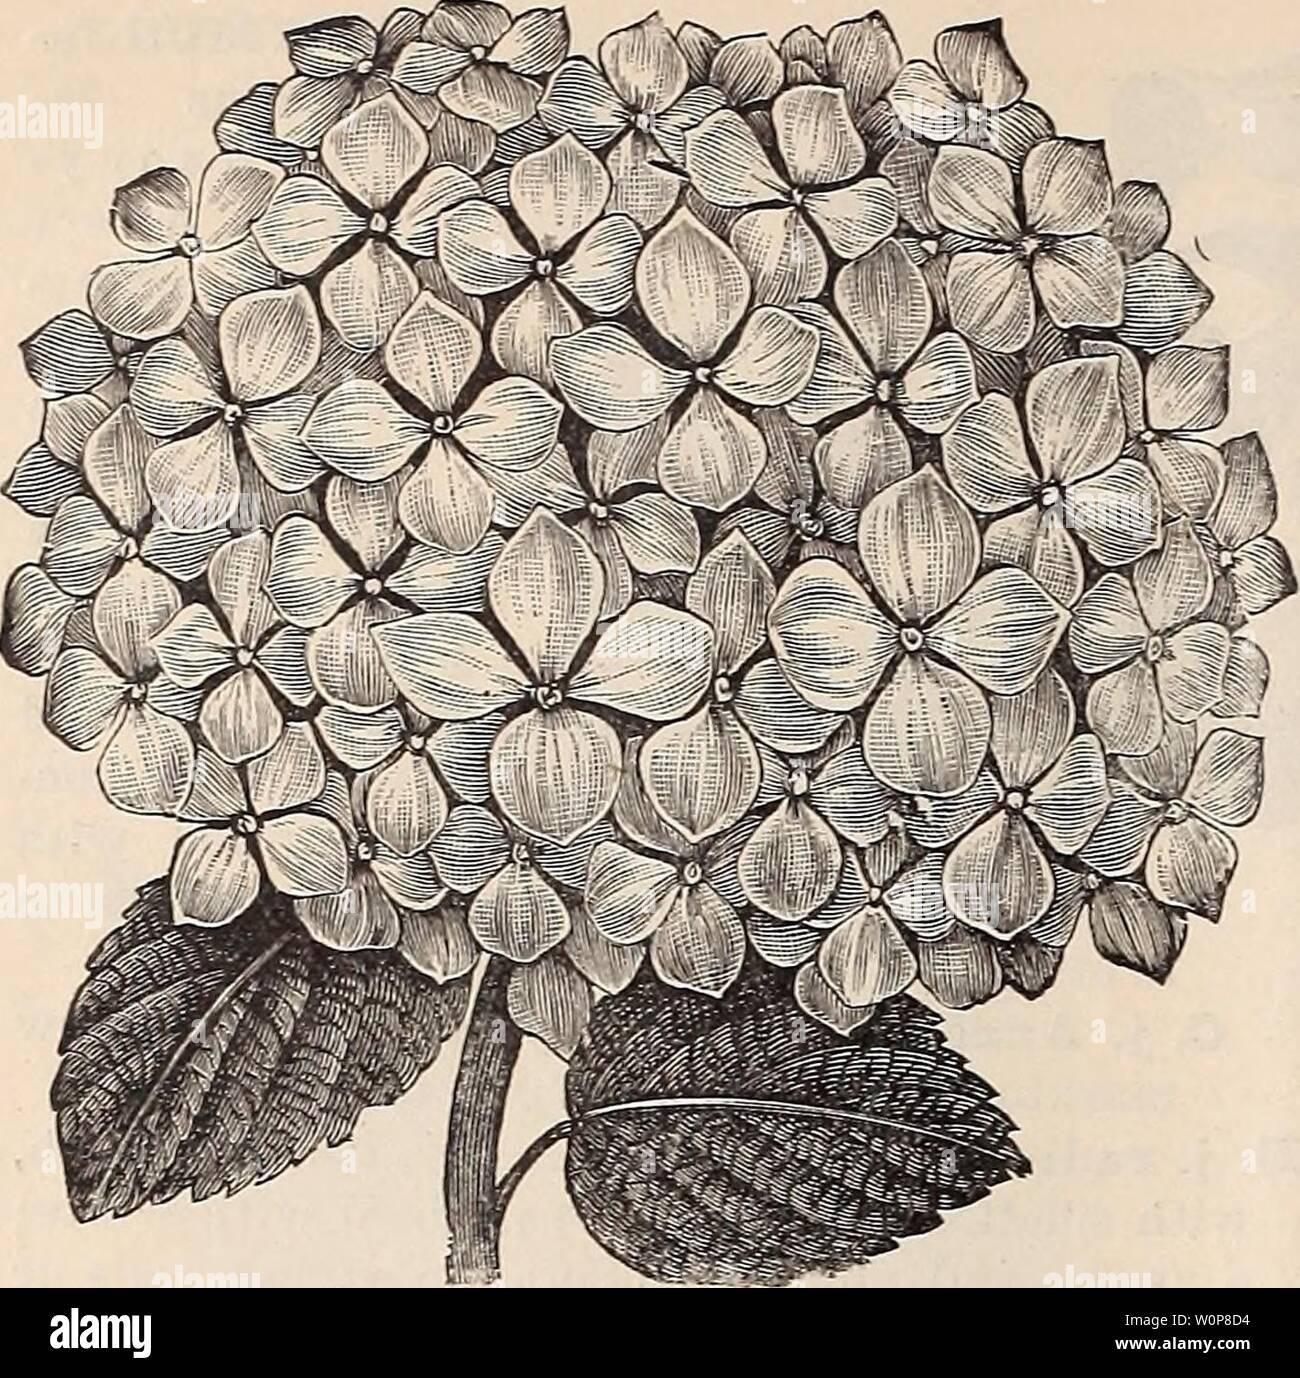 Archiv Bild von Seite 23 der beschreibenden Katalog von Zierbäumen,. Beschreibender Katalog der dekorative Bäume, Pflanzen, Reben, Obst, etc. descriptivecatal 1891 Jahr: 1891 20 SA/nuEL C./TooN beschreibenden Katalog. HYDRANGEA HORTENSIS. Exocttorda, fortgesetzt. Ausreichend fortschrittliche genau die richtige Menge an Tonen Farbton grün die Klagegründe - ing Effekt zu produzieren zu leisten, und die Ungeschäumten Knospen sind wie kleine runde Perlen von pearly Weißgrad. (Siehe Schnitt, die letzte Seite. ) 50 cts. bis 81. £. Alberti. Eine neue Art, mit helleren Blätter und größere Blüten als die oben genannten. SI. FORSYTH Stockbild